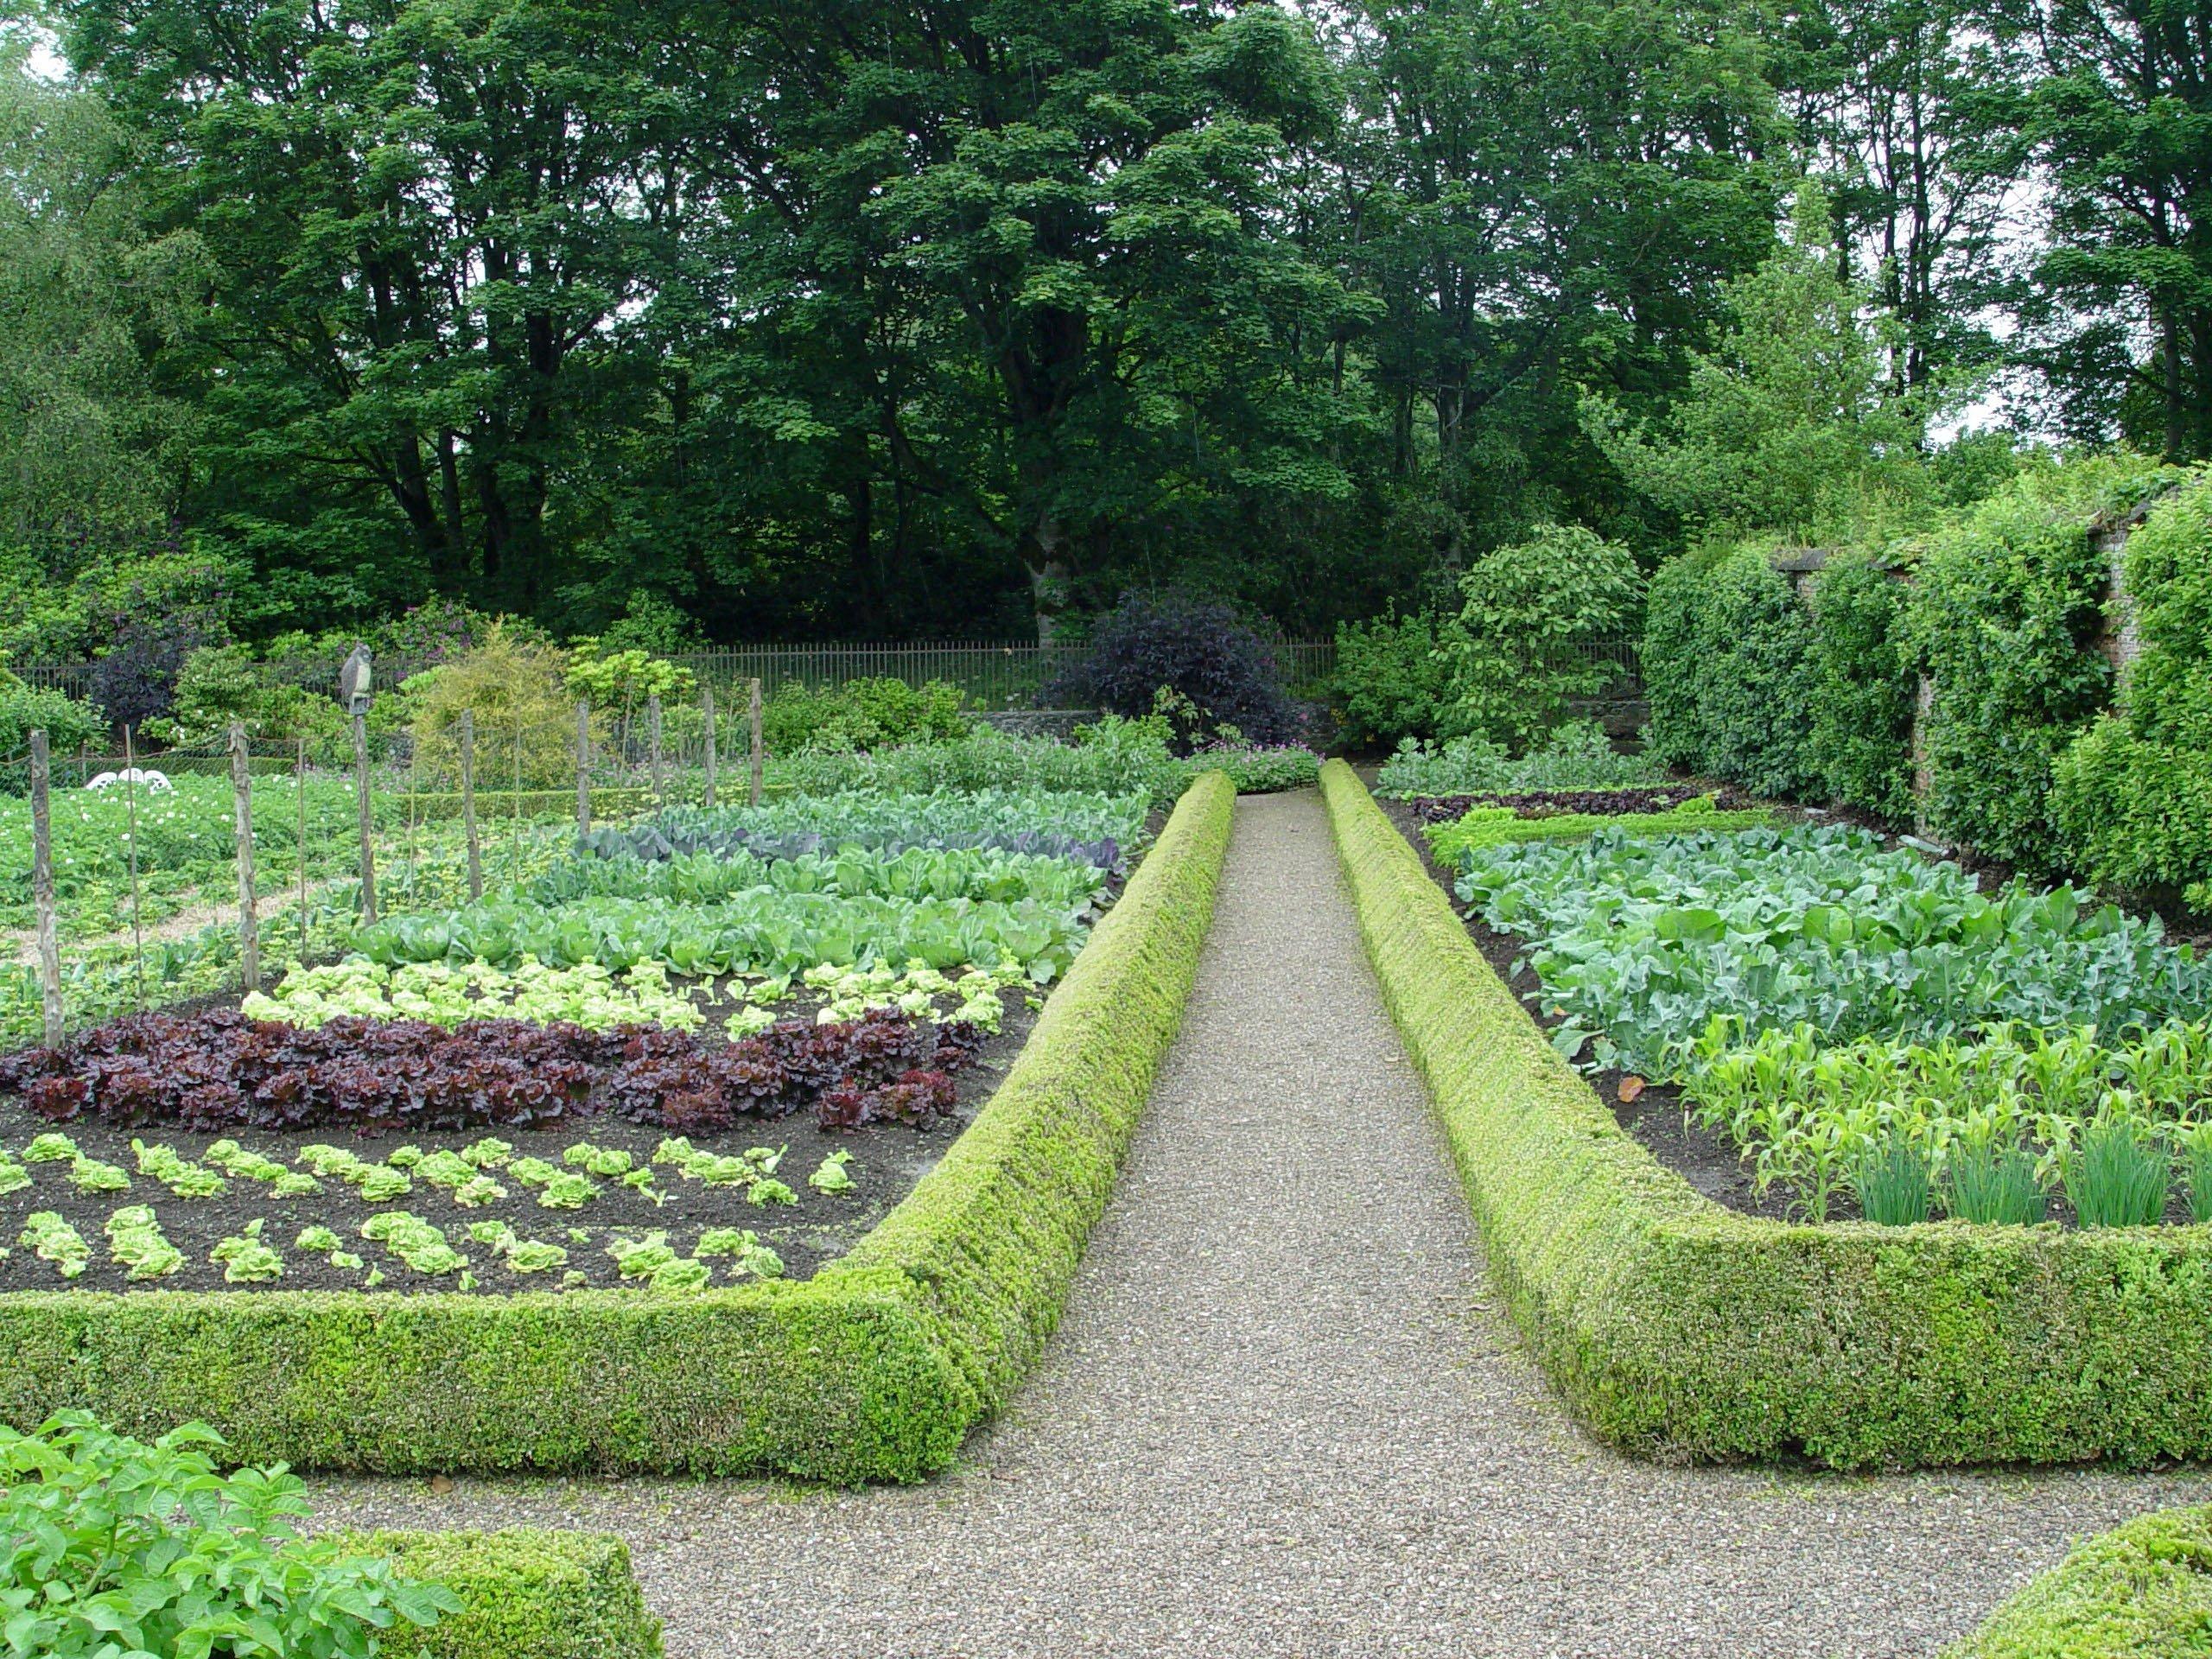 картинка красивого огорода еще меньше